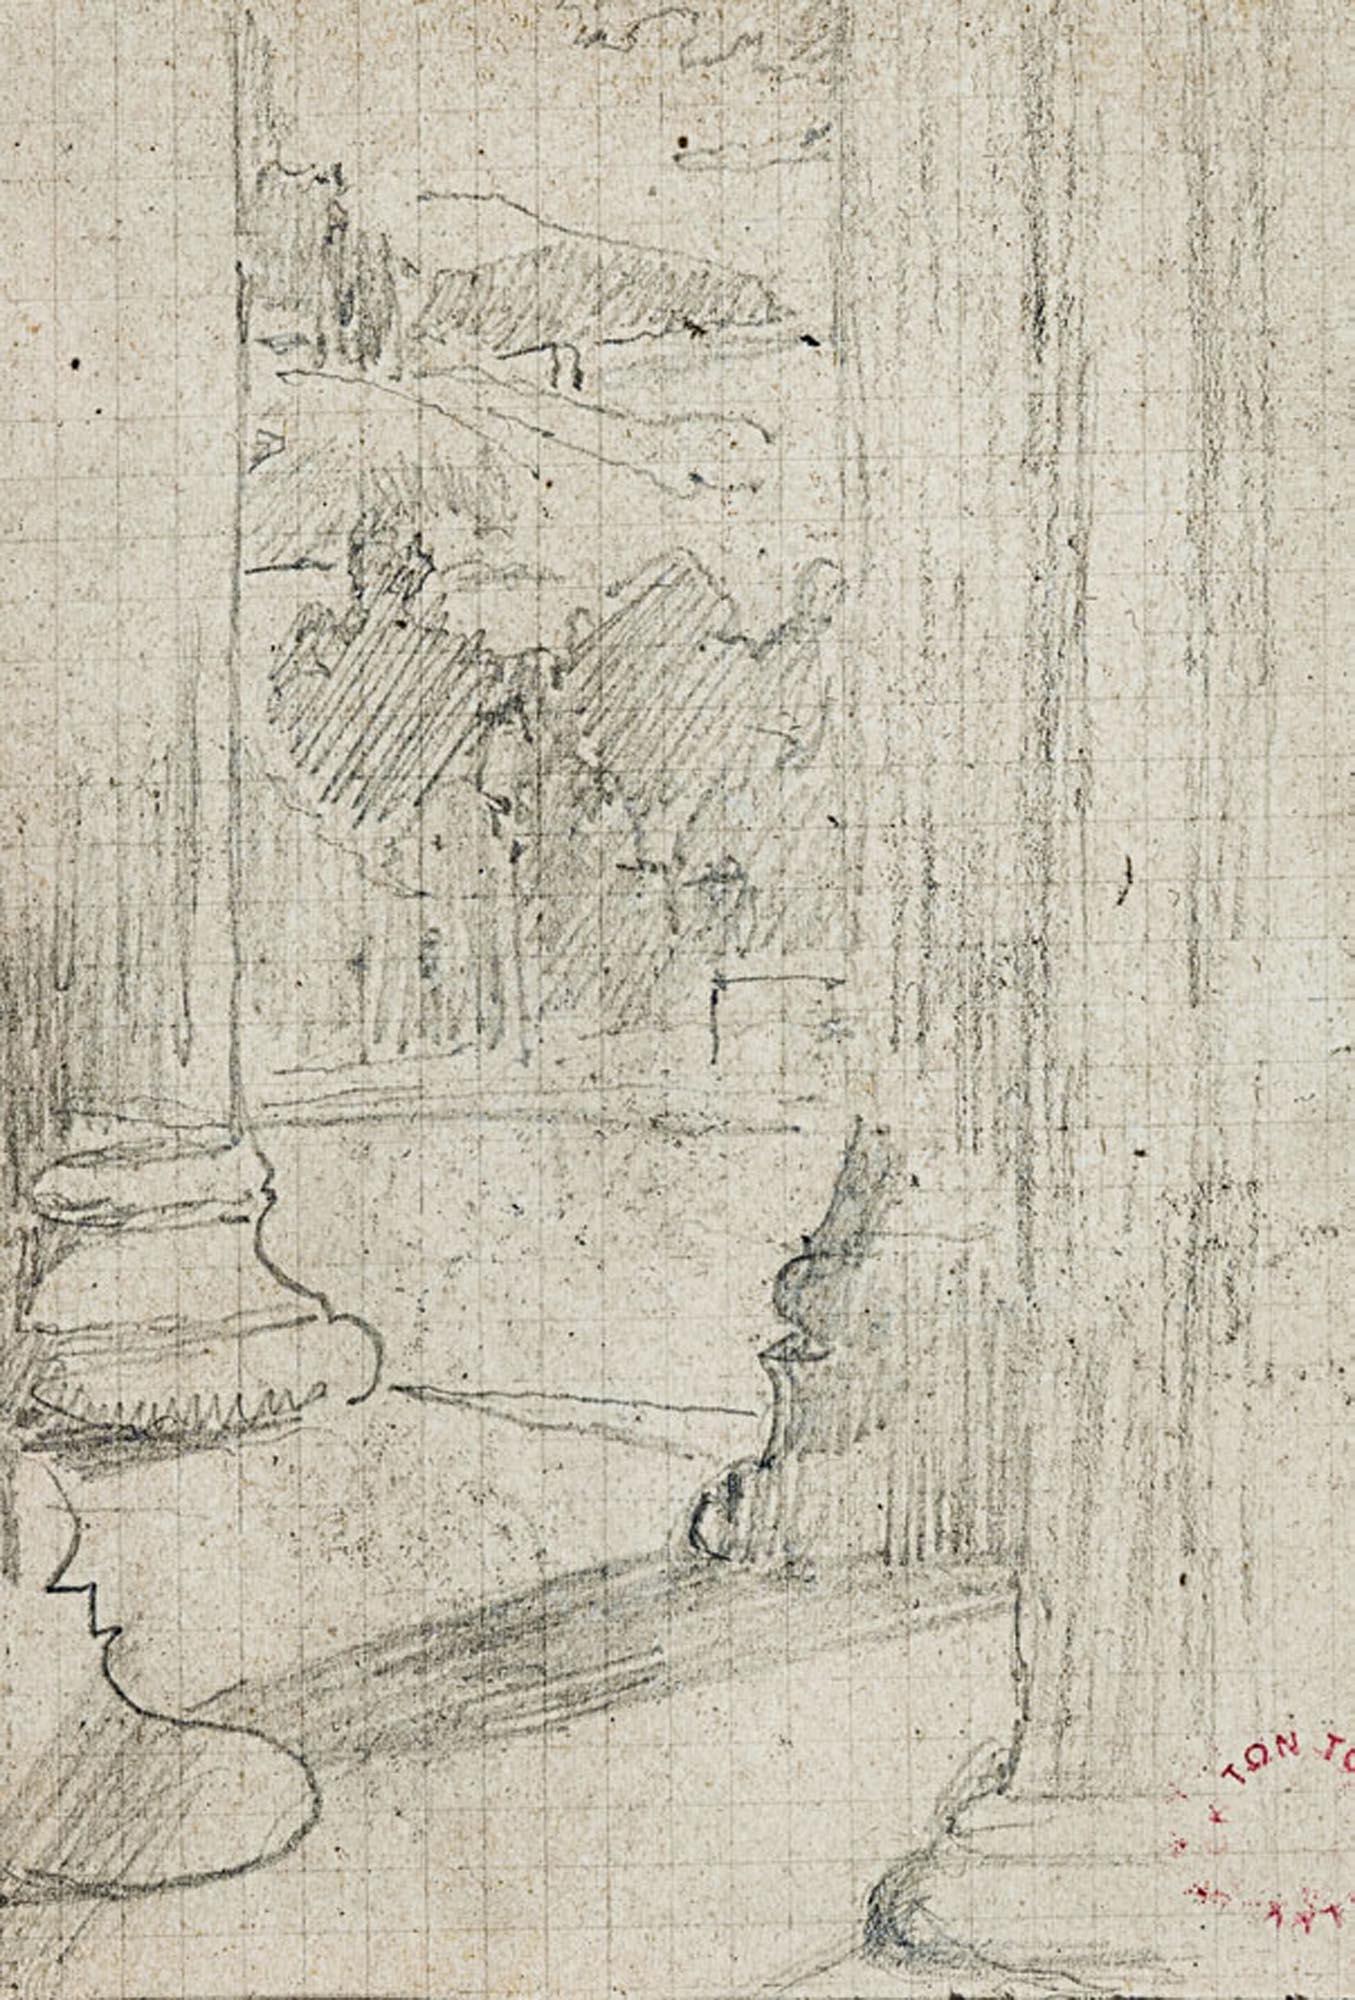 α) Εσωτερικό εκκλησίας, β) Τρία μικρά σχέδια από εσωτερικό σπιτιού, γ) Κίονες